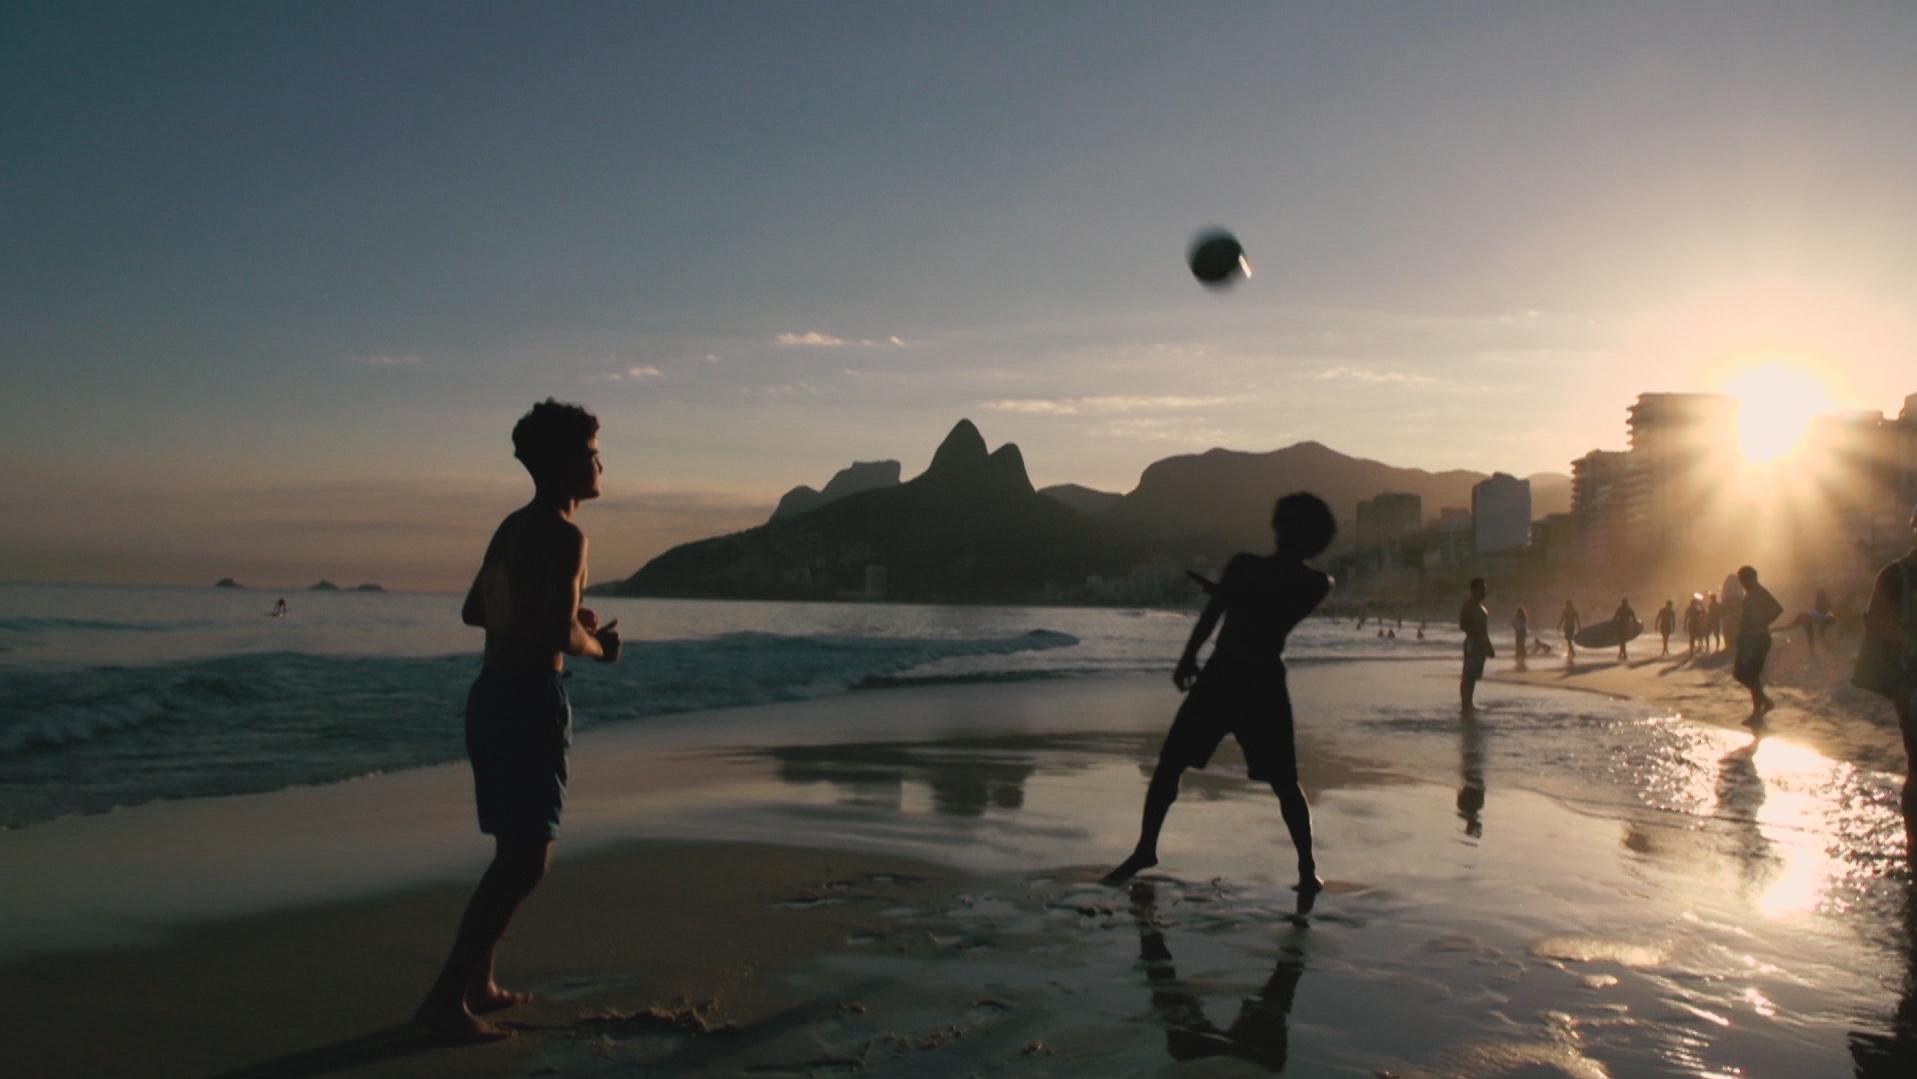 hmel brasilien feature screendump